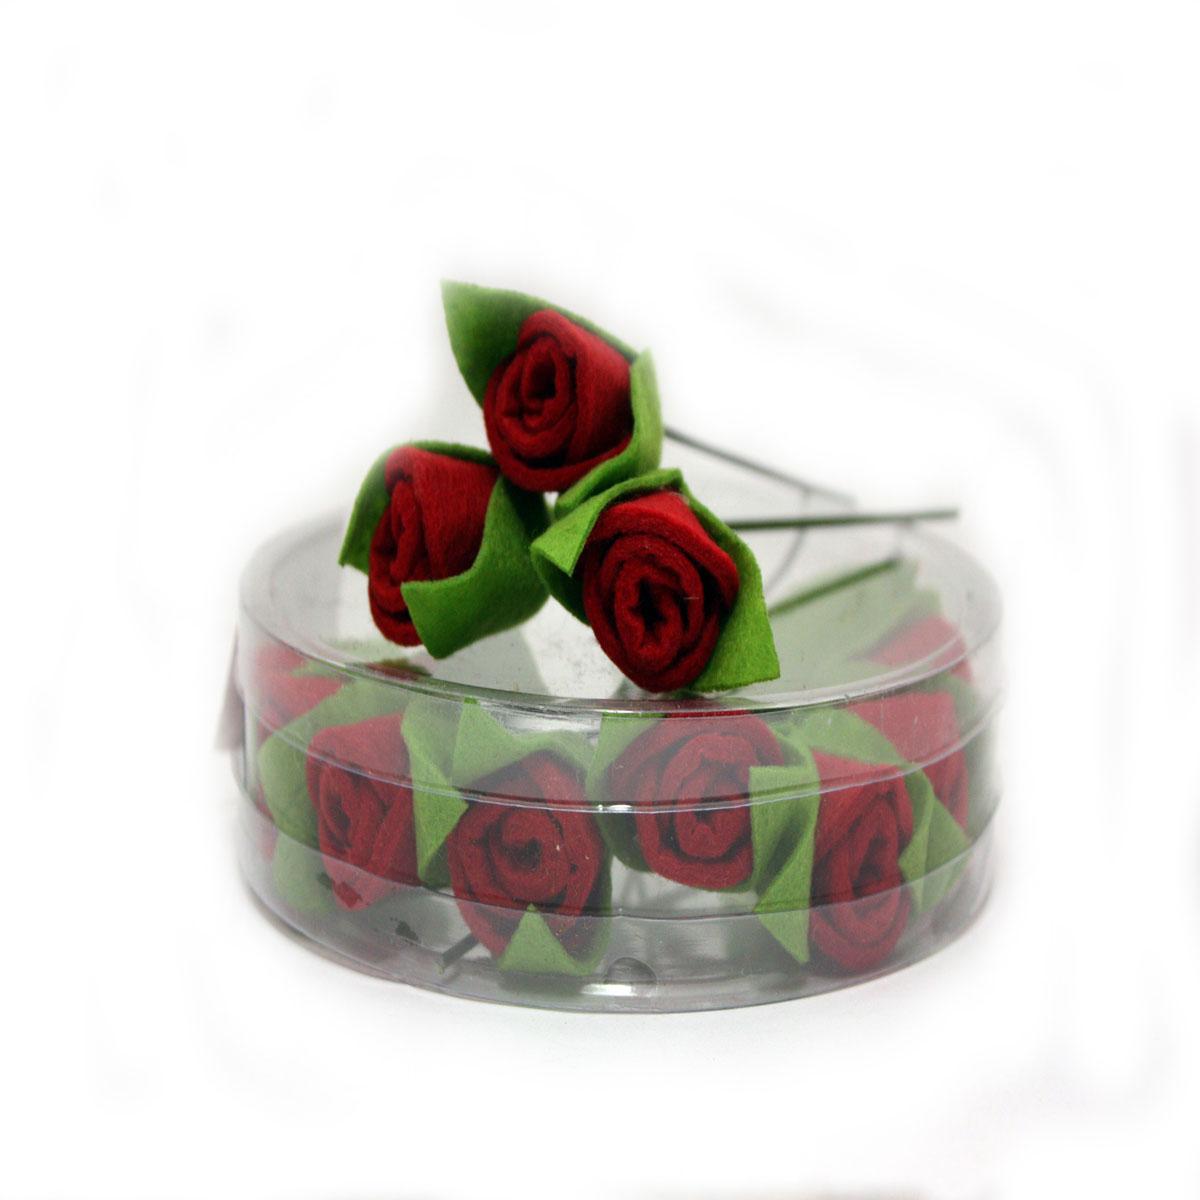 Набор декоративных украшений RTO Розочки, цвет: красный, зеленый, 12 штHCQ05-1160-H15Набор RTO Розочки состоит из 12 декоративных элементов и предназначен для украшения цветочных горшков, ваз и других предметов интерьера. Украшения изготовлены из фетра в виде цветов. Такой набор украшений создаст атмосферу праздника в вашем доме. Размер цветка: 15 х 4 х 2,5 см.